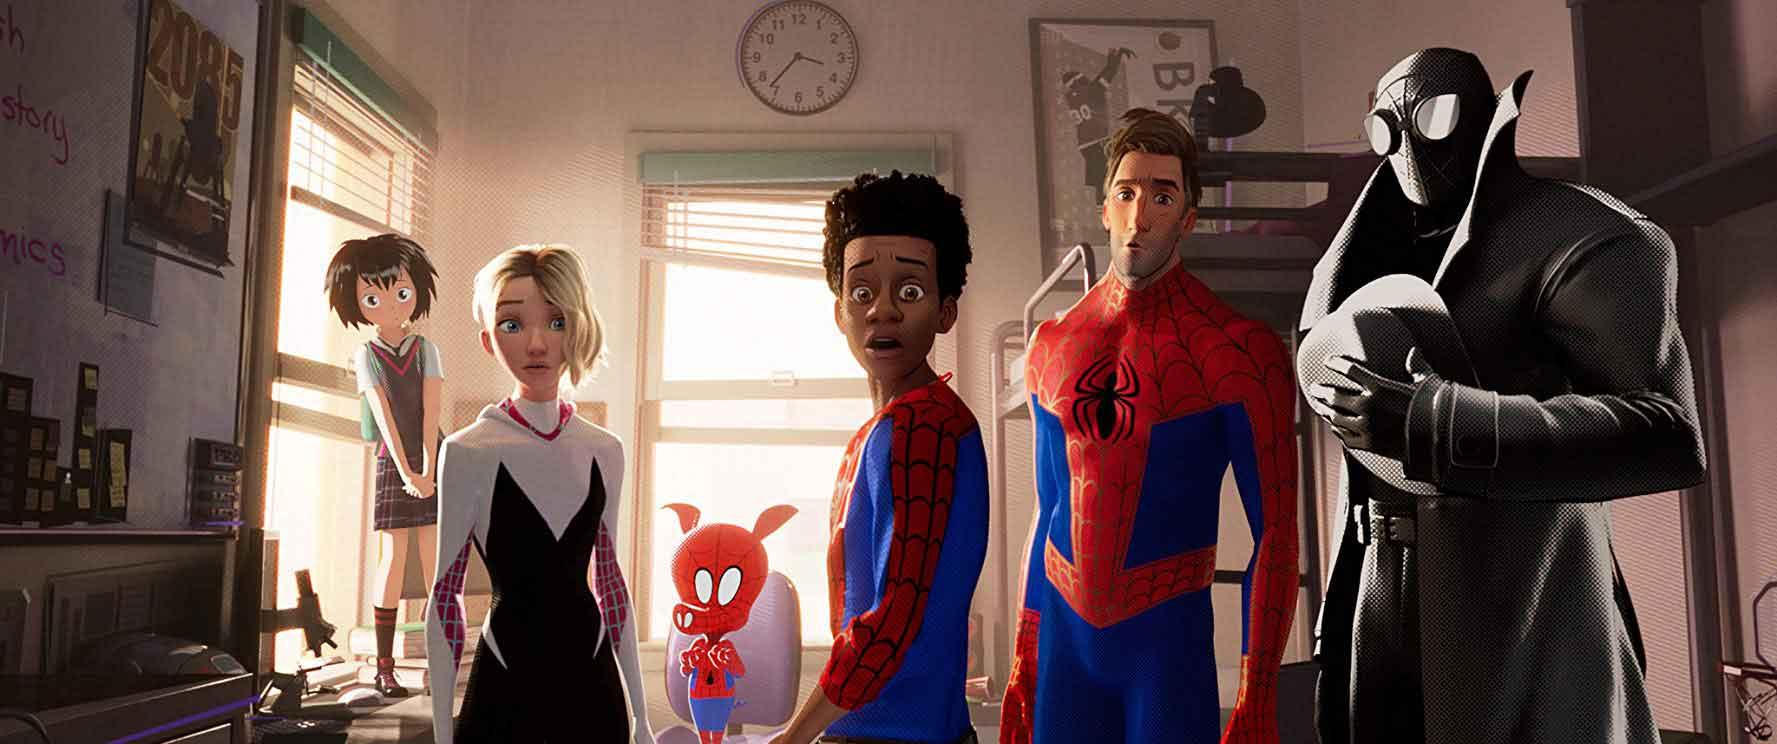 Los personajes de spiderman en la foto.